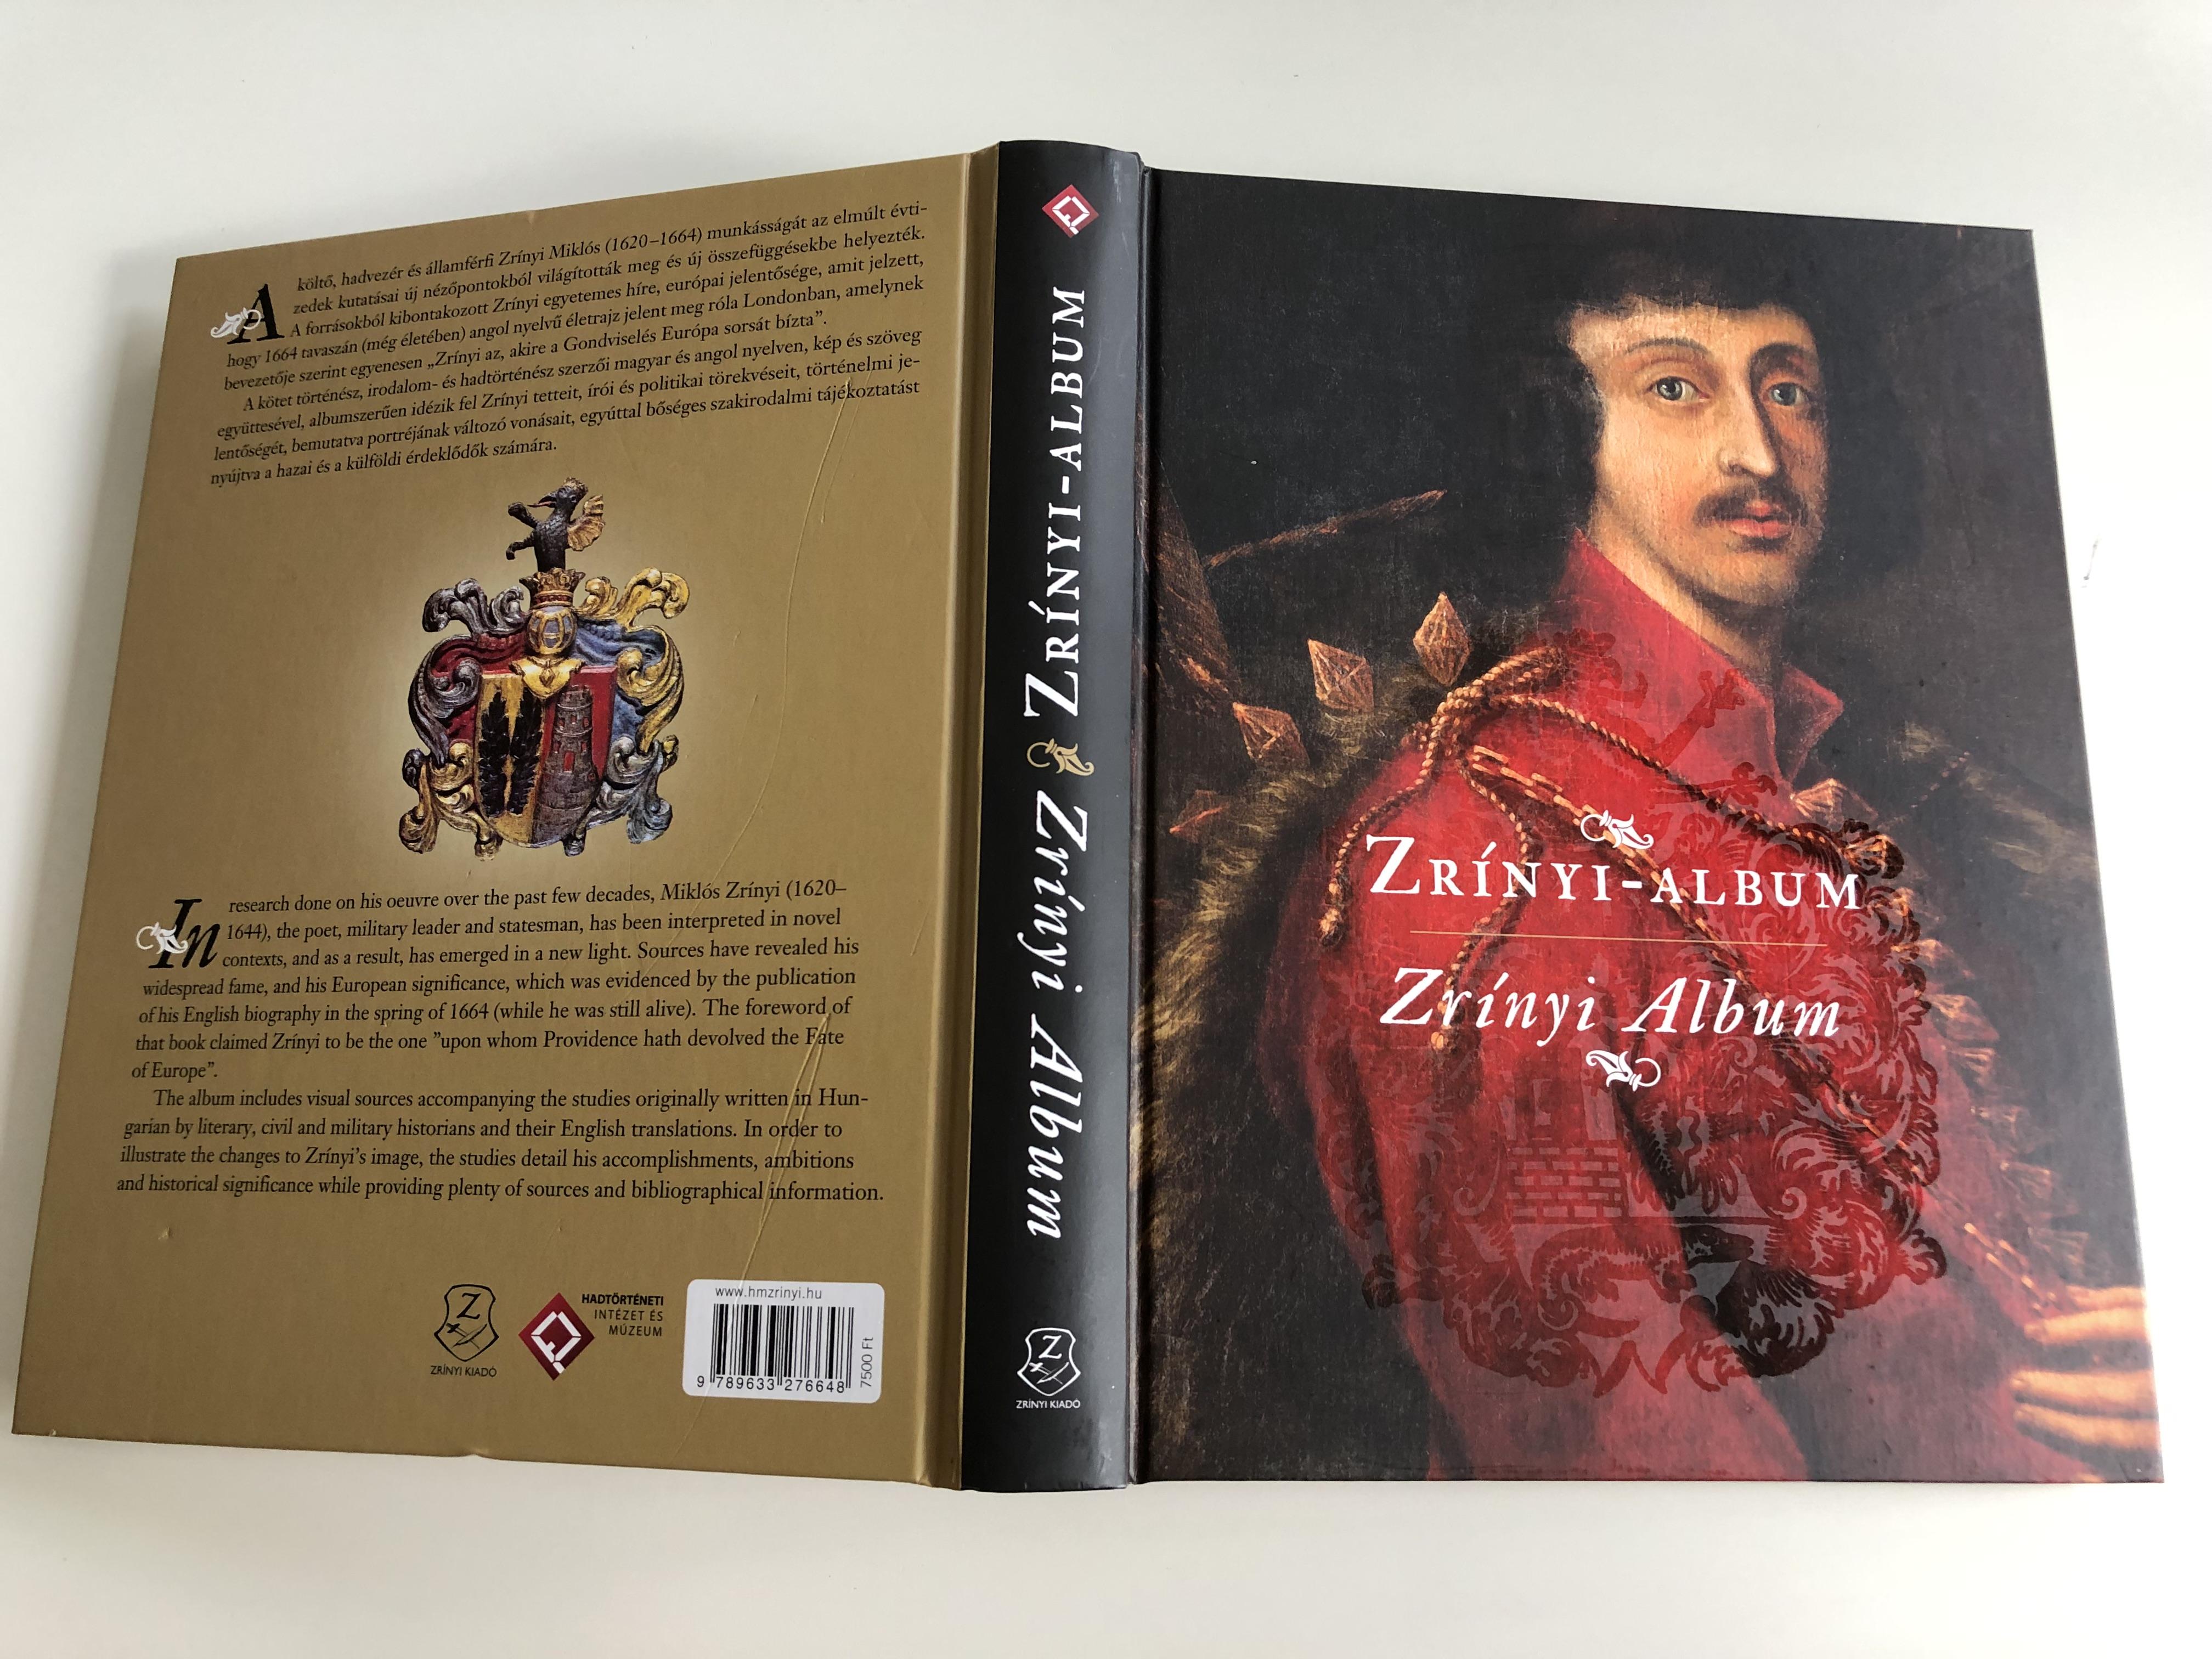 zr-nyi-album-written-by-bene-s-ndor-g.-et-nyi-n-ra-hausner-g-bor-kelenik-j-zsef-r.-v-rkonyi-gnes-hadt-rt-neti-int-zet-s-m-zeum-mikl-s-zr-nyi-the-poet-military-leader-and-statesman-24-.jpg